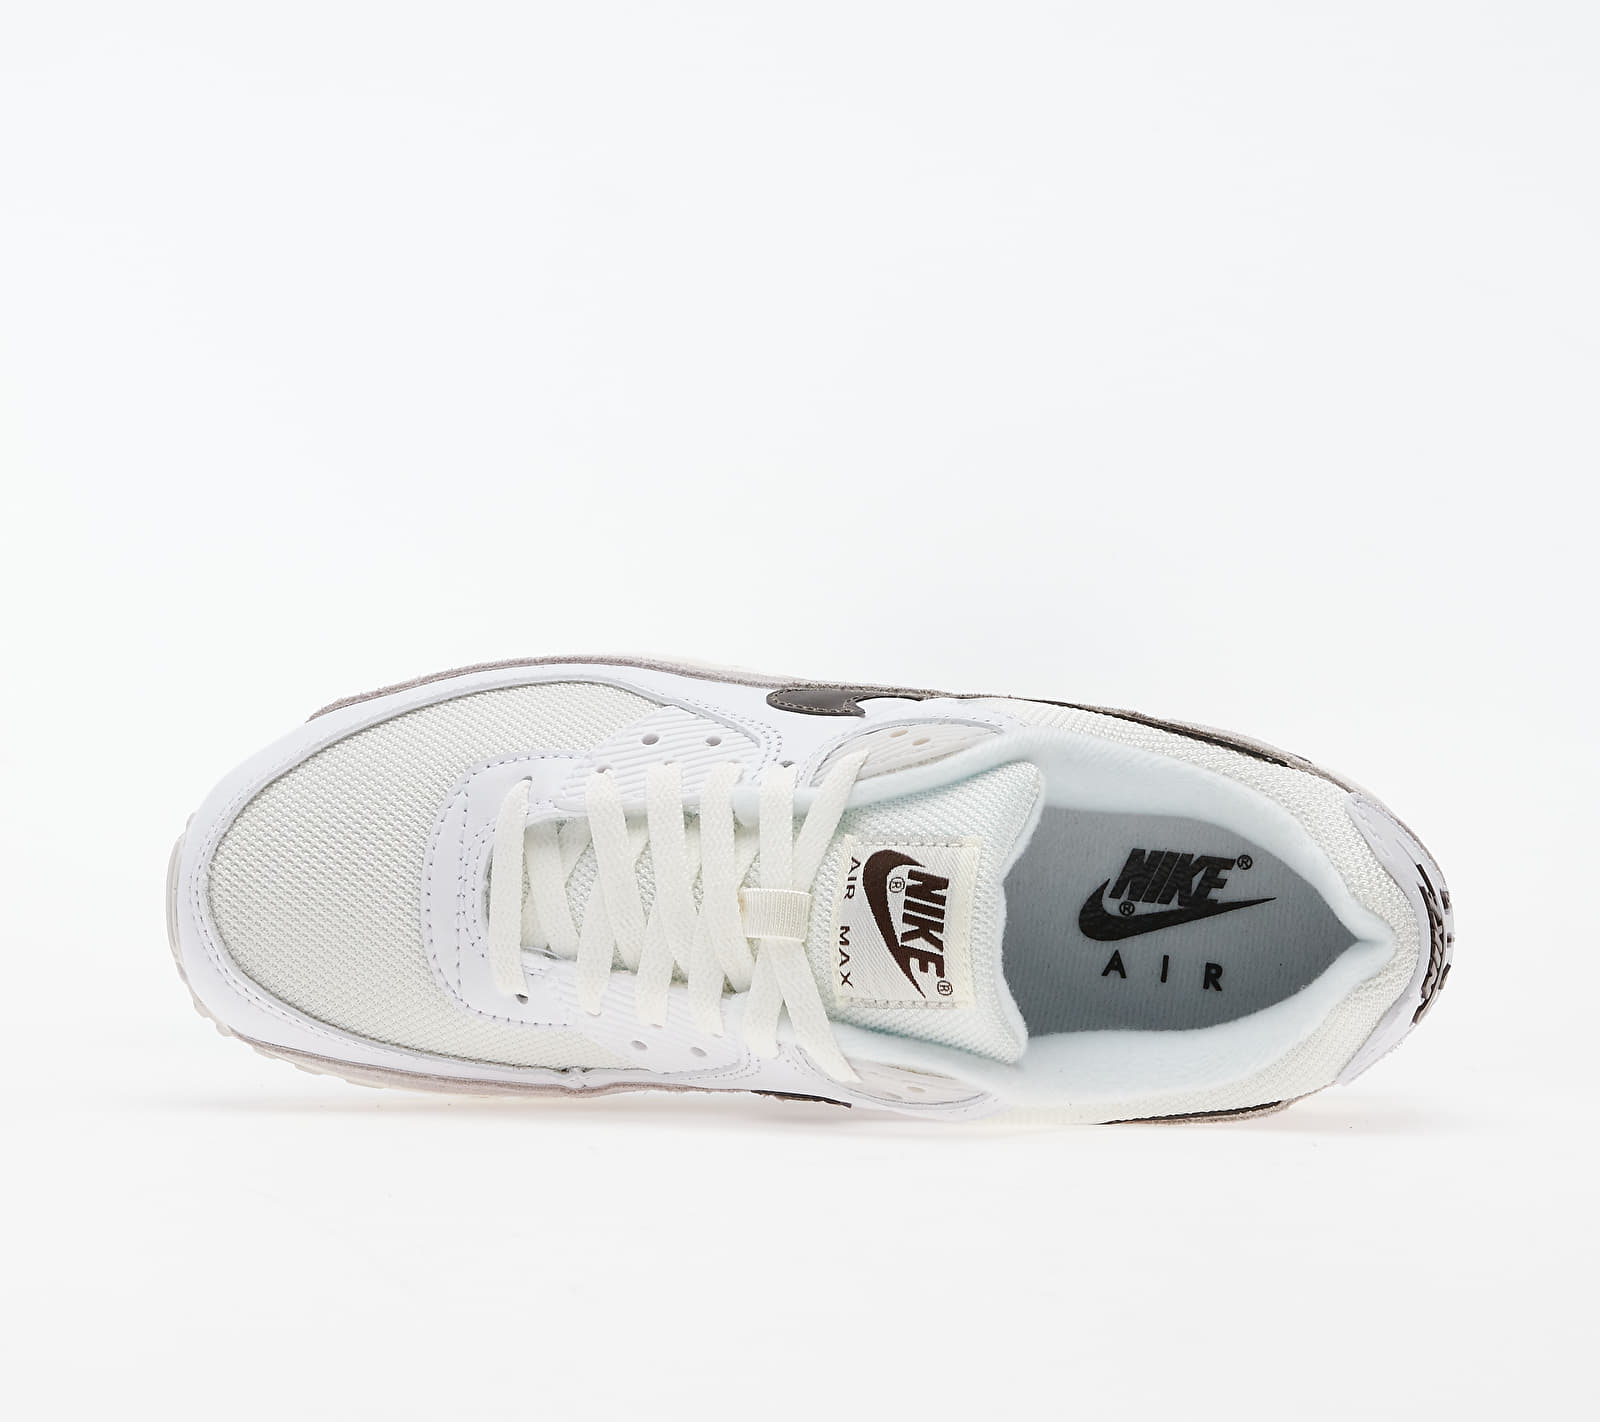 Nike Air Max 90 White/ Baroque Brown-Sail-Vast Grey